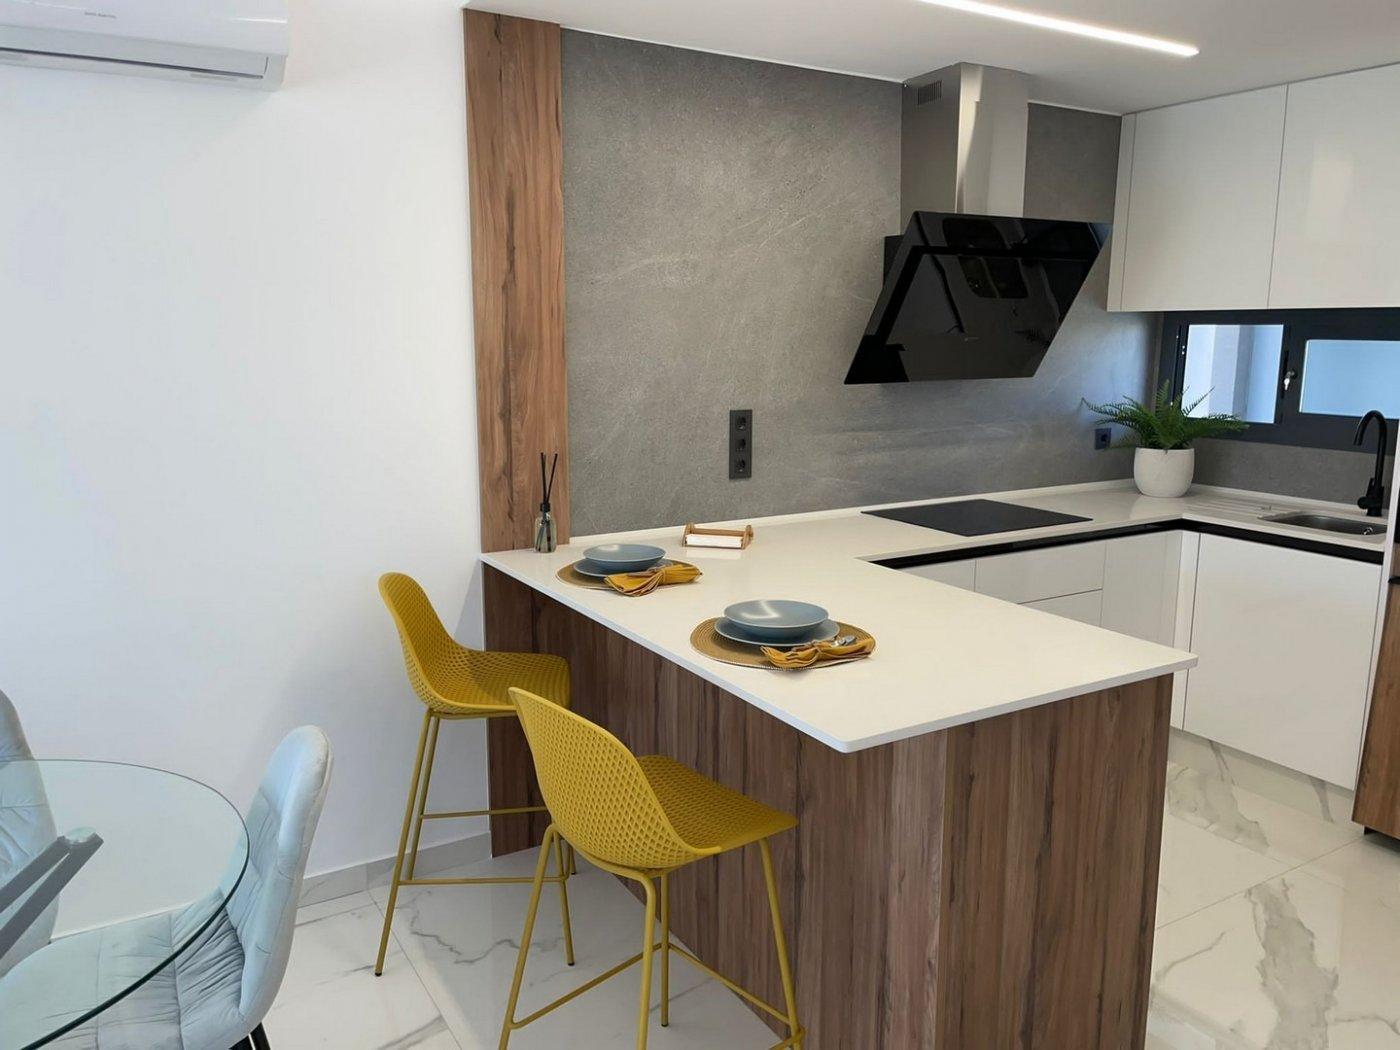 Nuevo complejo residencial en el raso (guardamar)!!! - imagenInmueble17